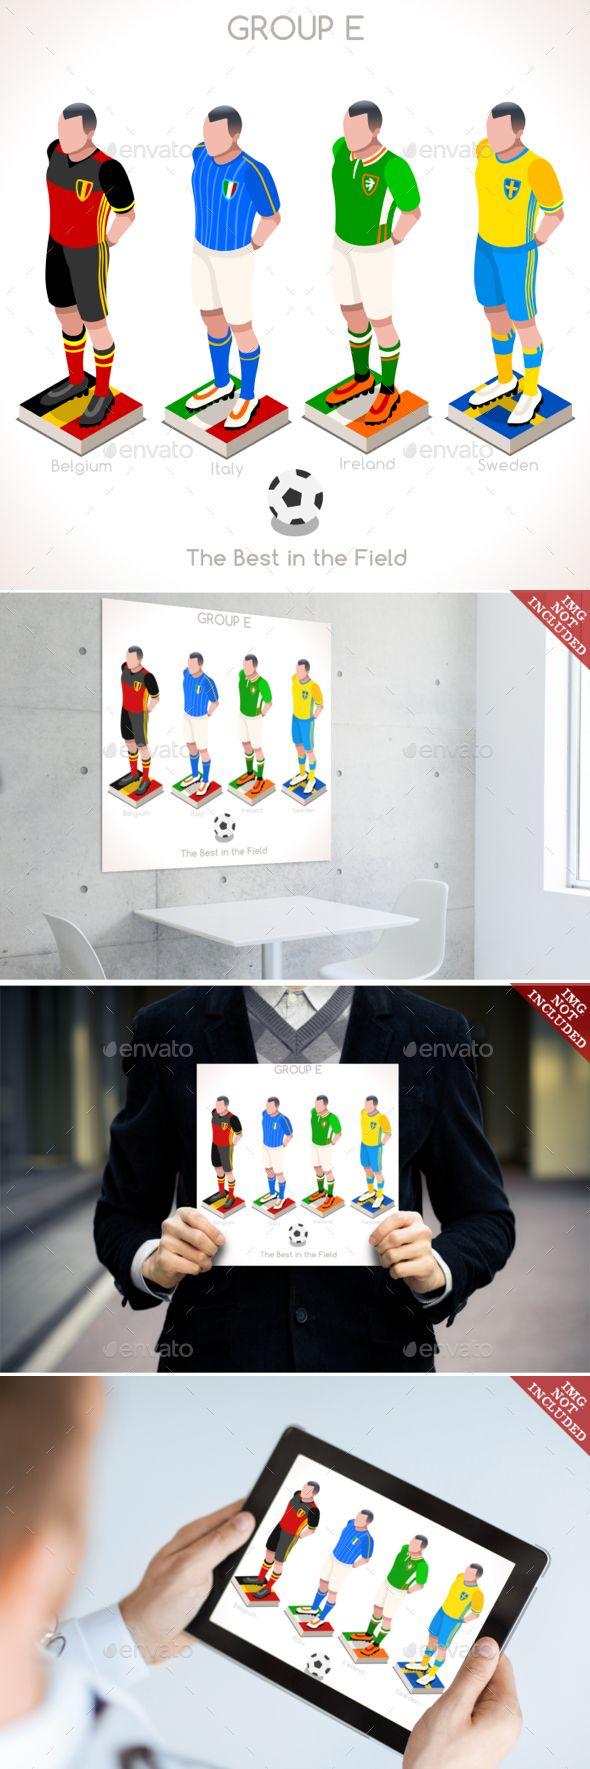 Euro 2016 Championship Group E